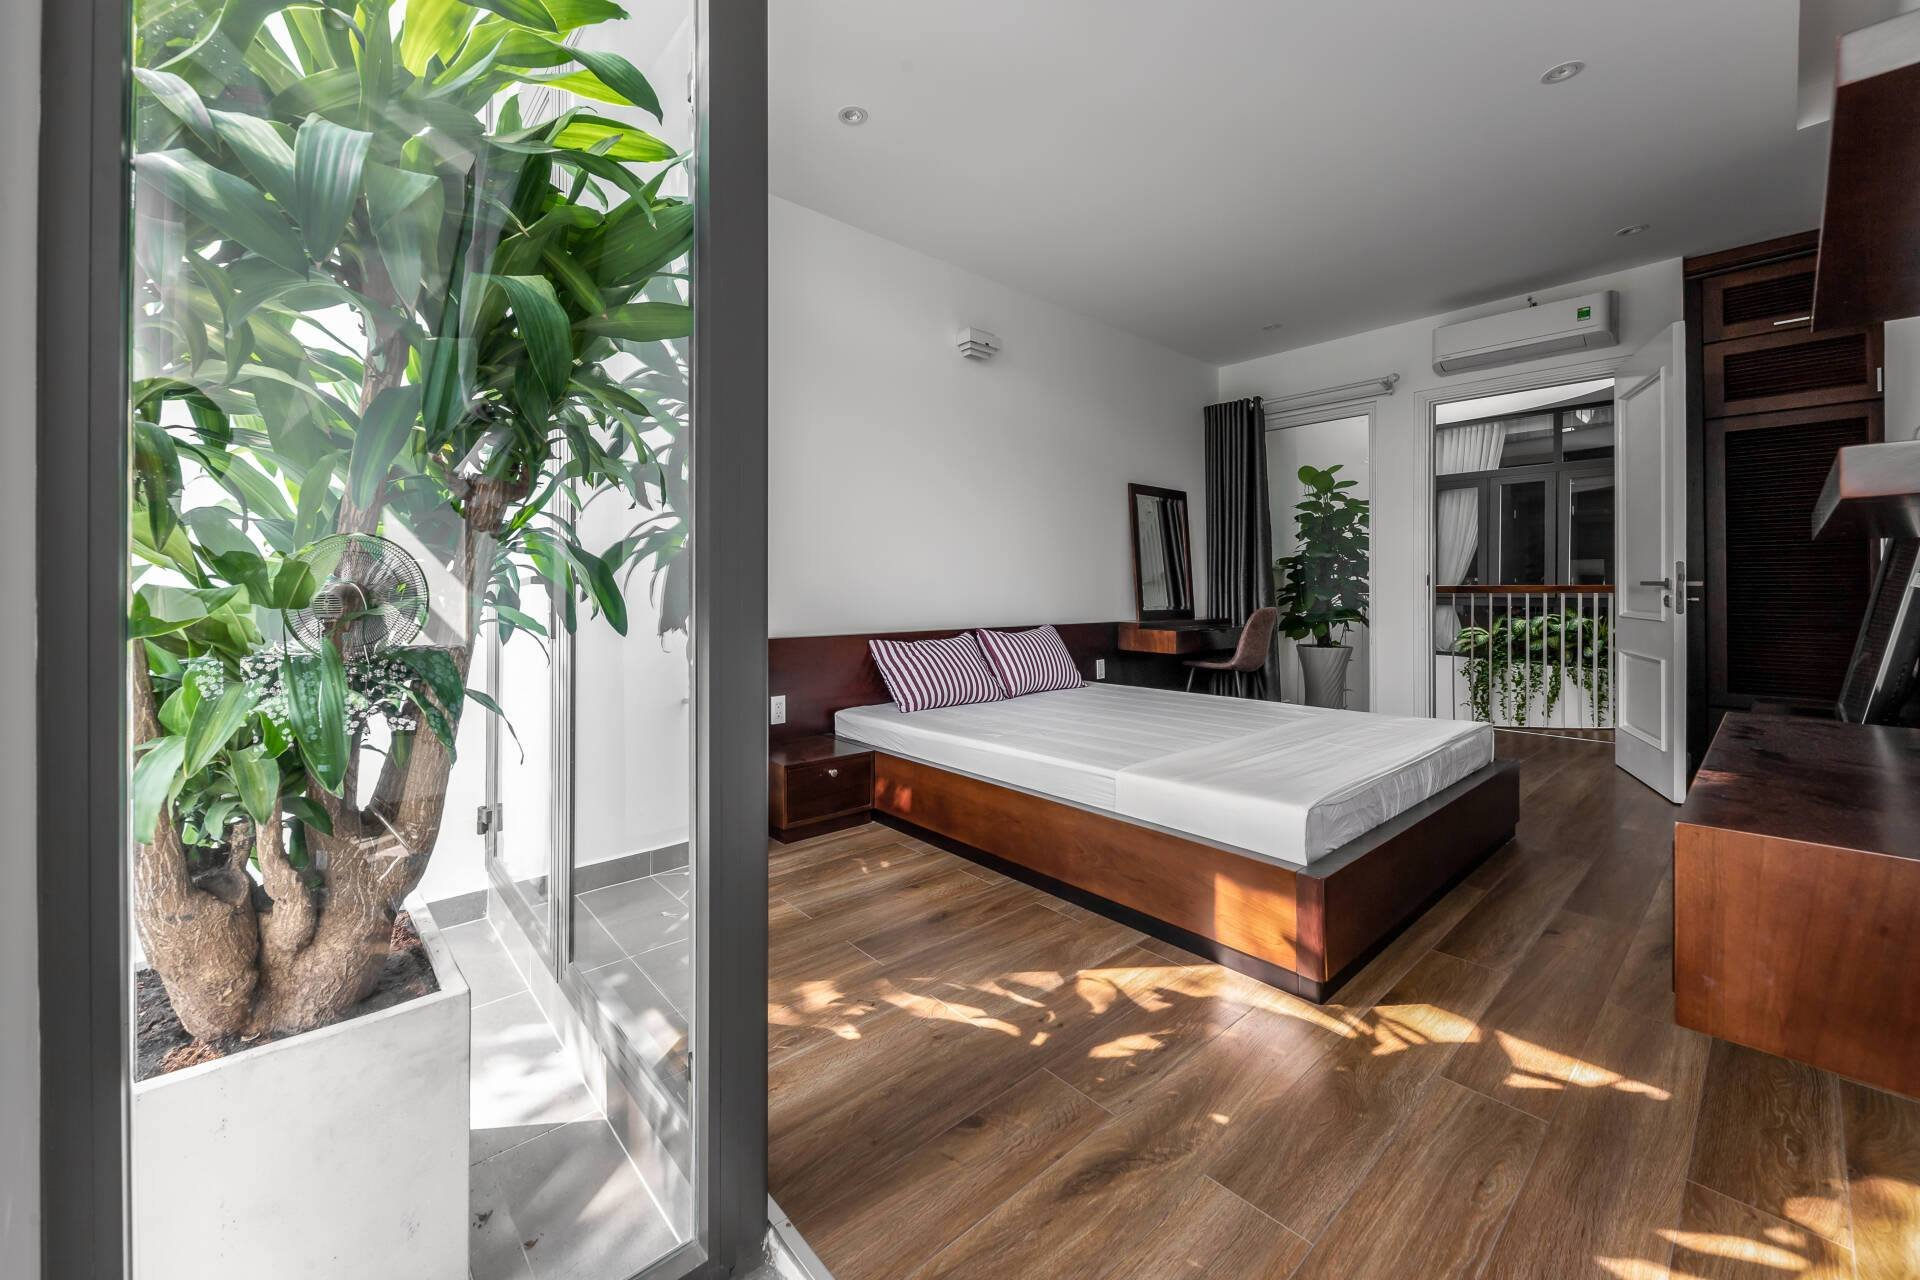 bố trí nội thất phòng ngủ hợp lý, rộng rãi